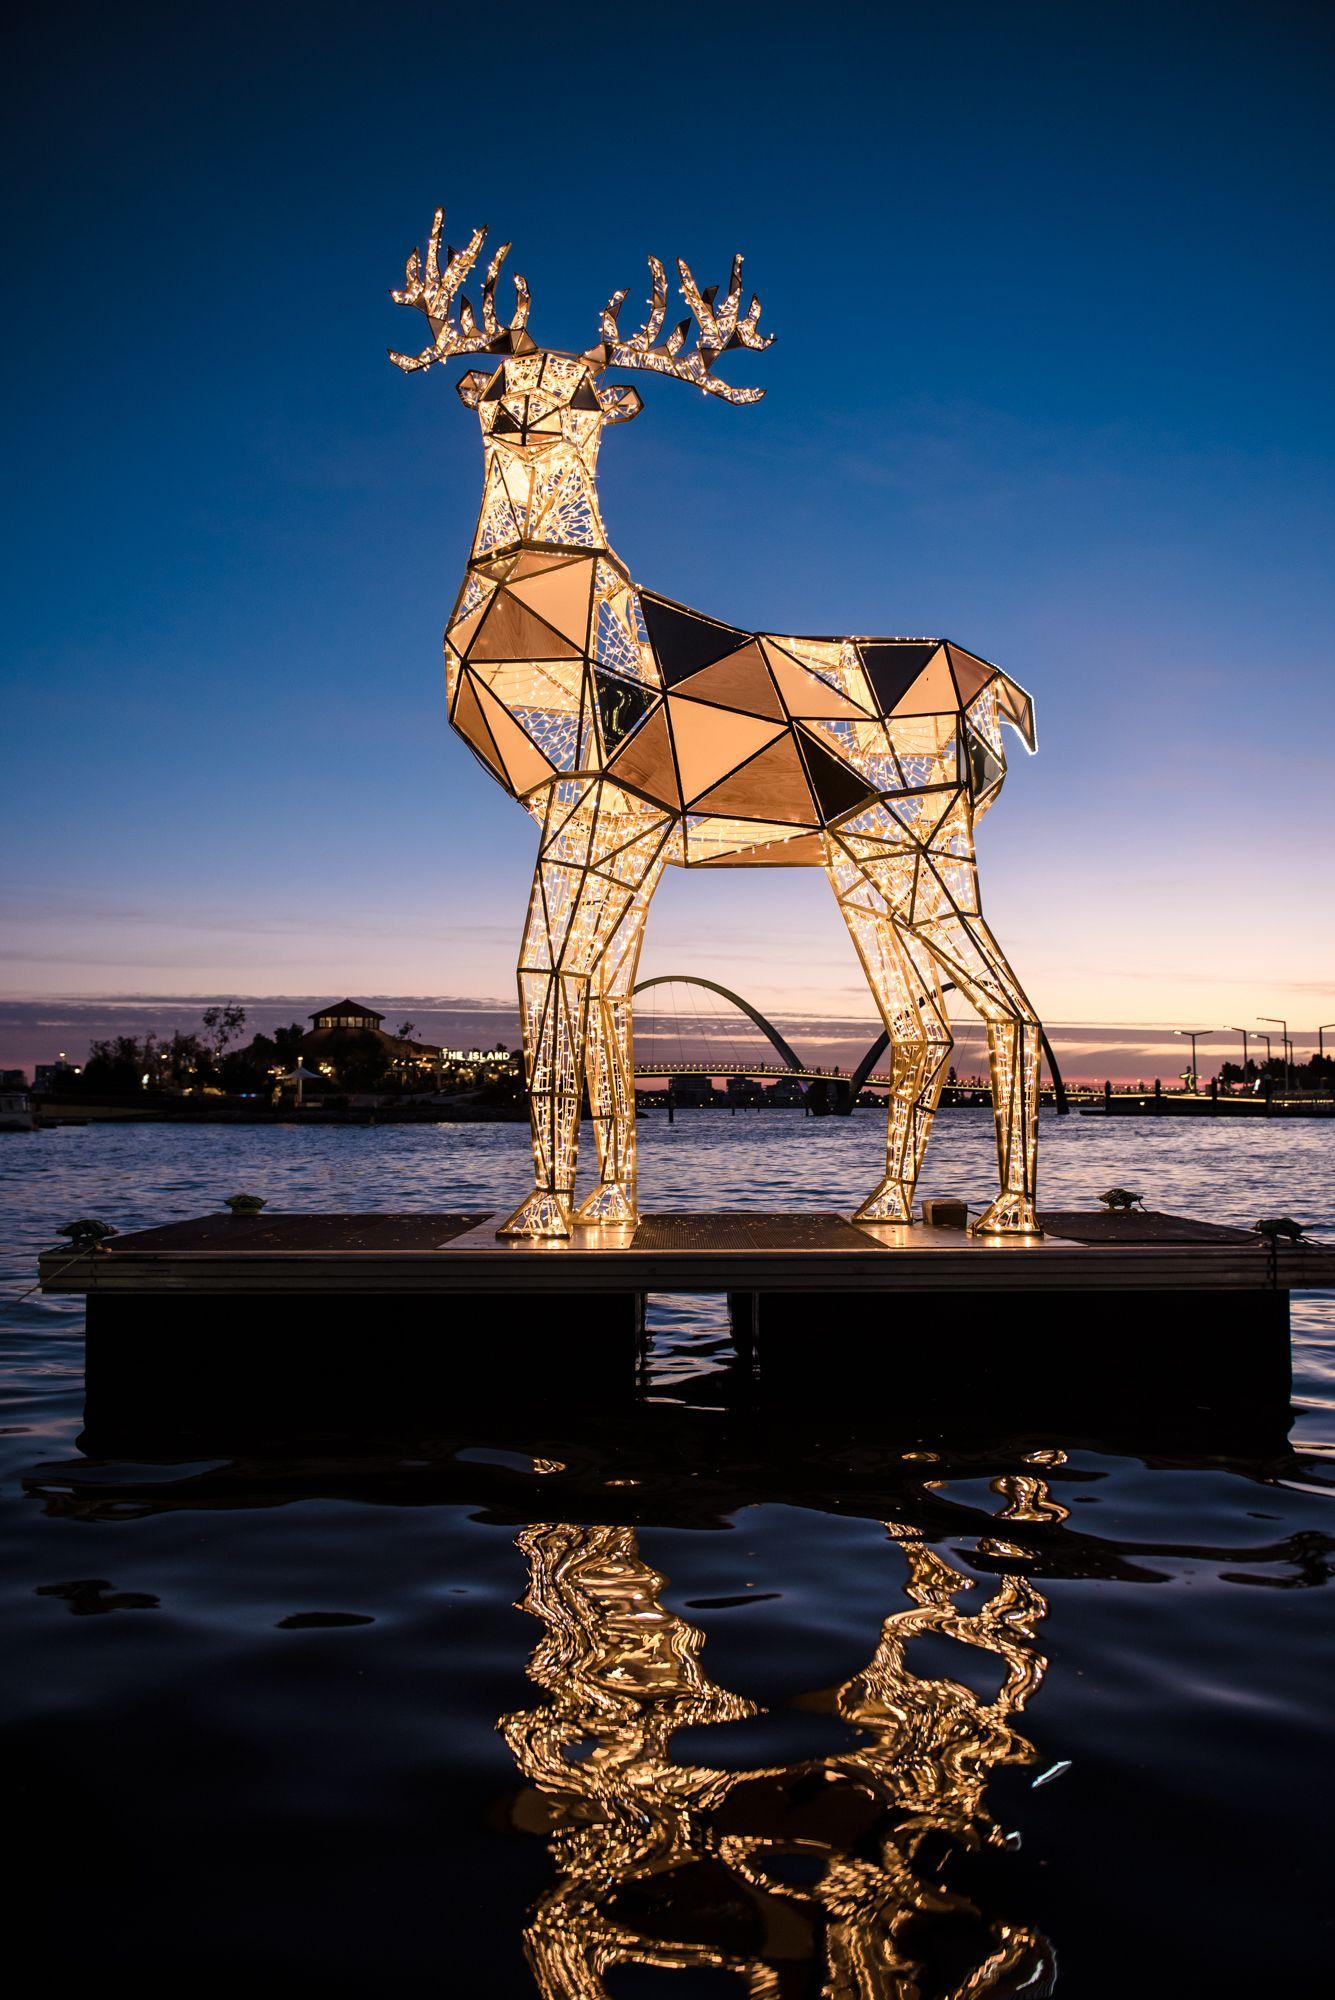 Pin By Shimona On Social Group Amanda Miller Light Trails Christmas Lights